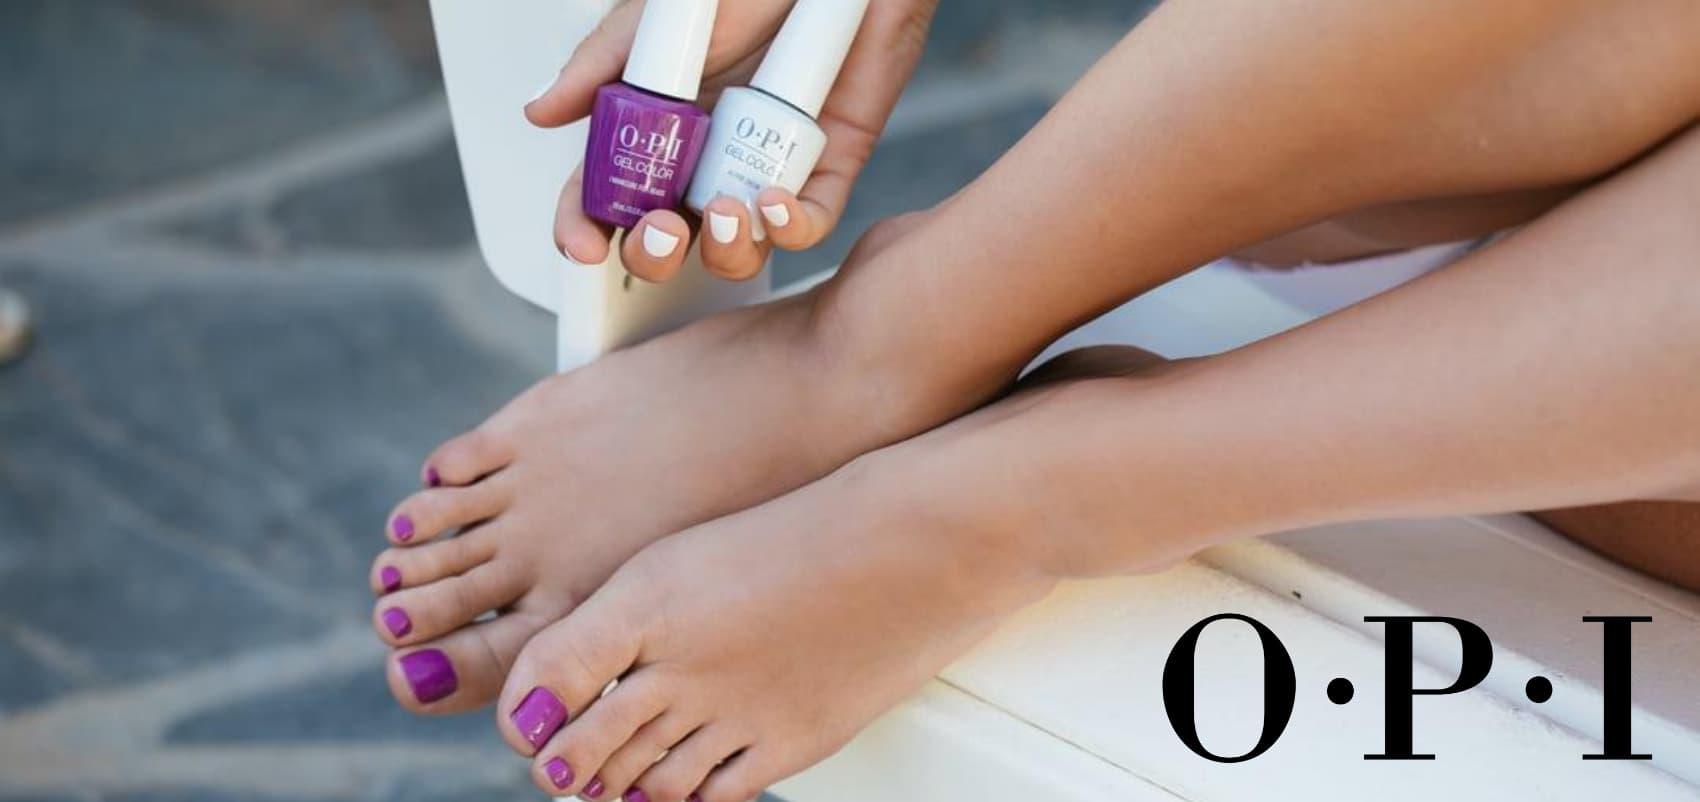 OPI foto van nagellak op voeten en handen